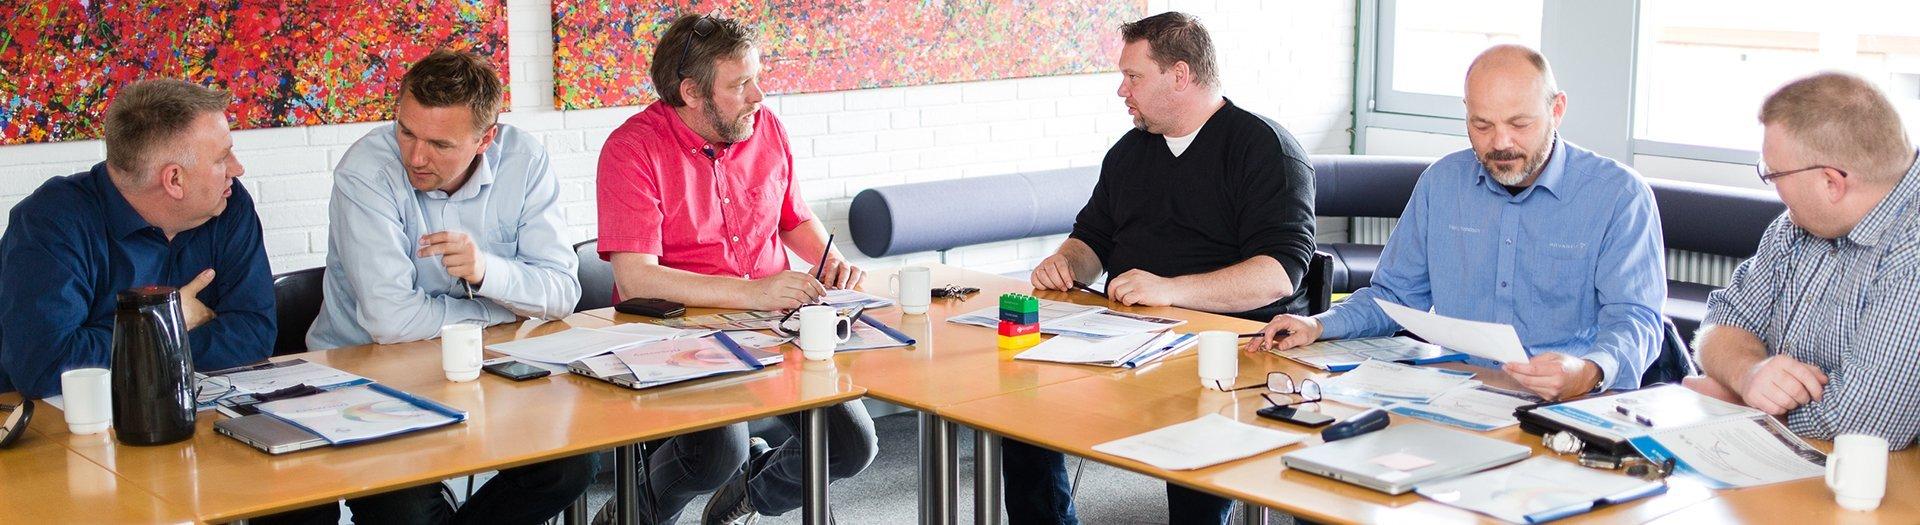 dagsmøde erhverv institution private Nørgaards Højskole faciliteter web